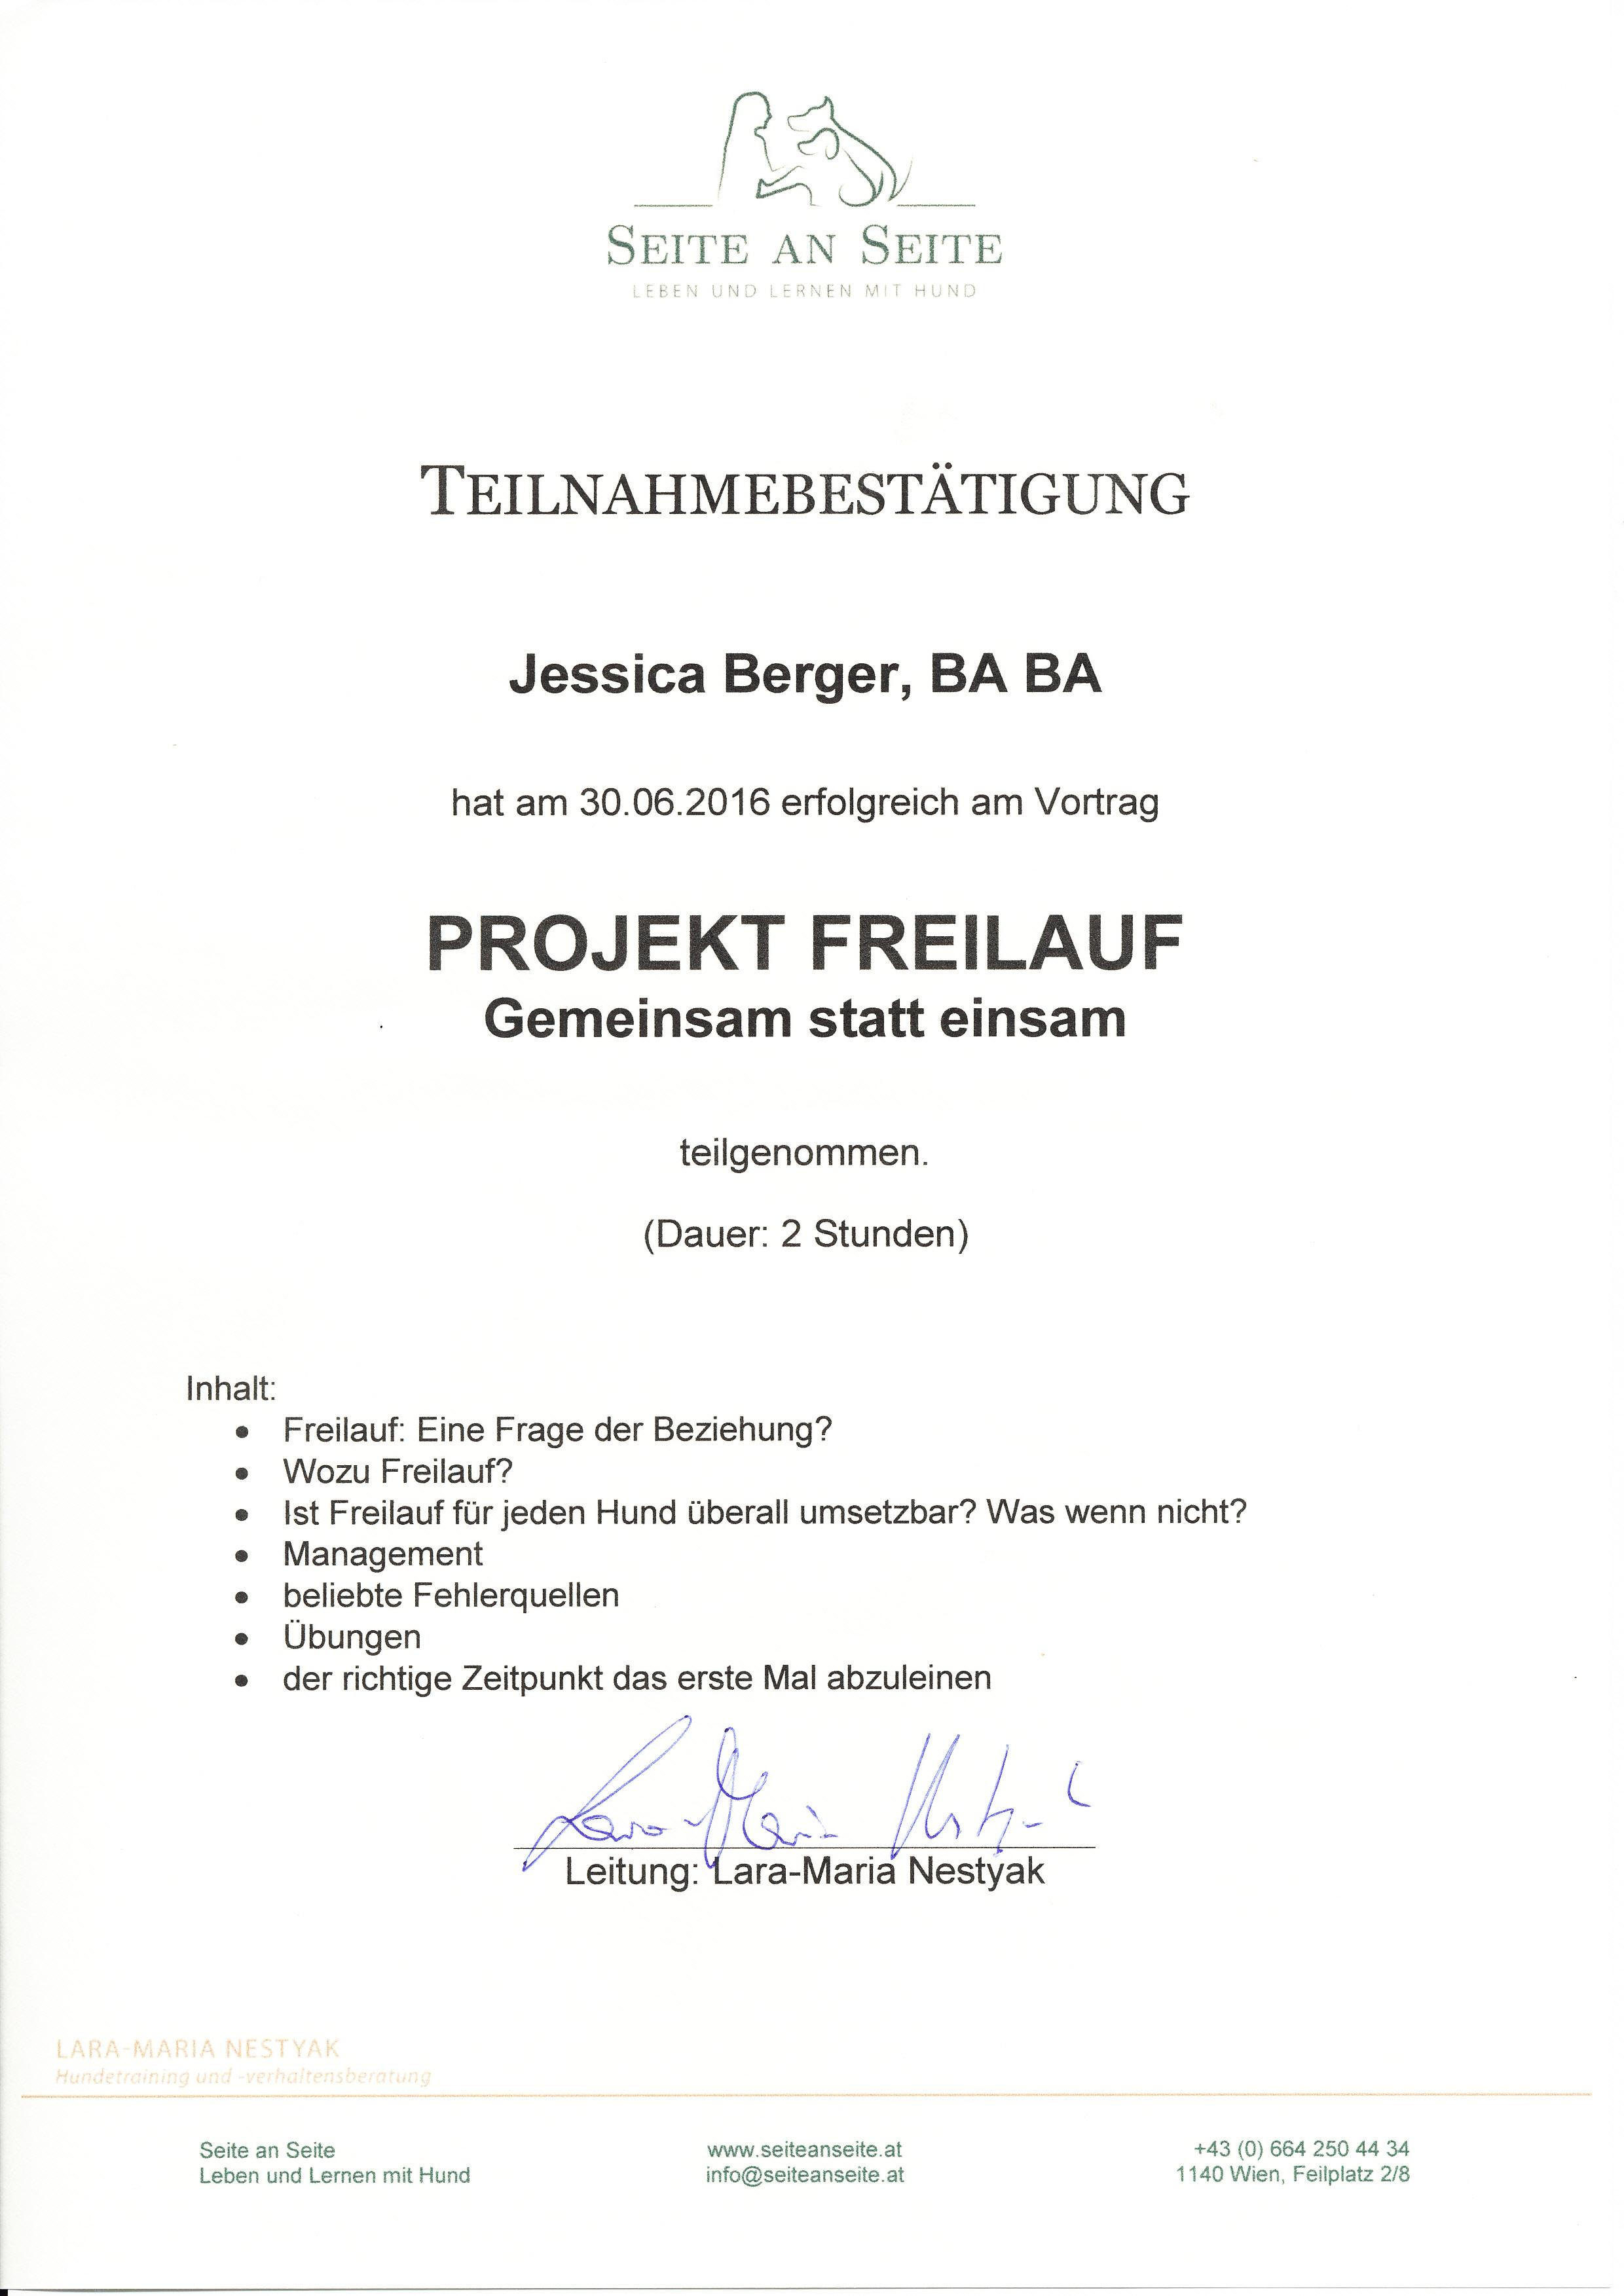 Projekt Freilauf - Lara-Maria Nestyak